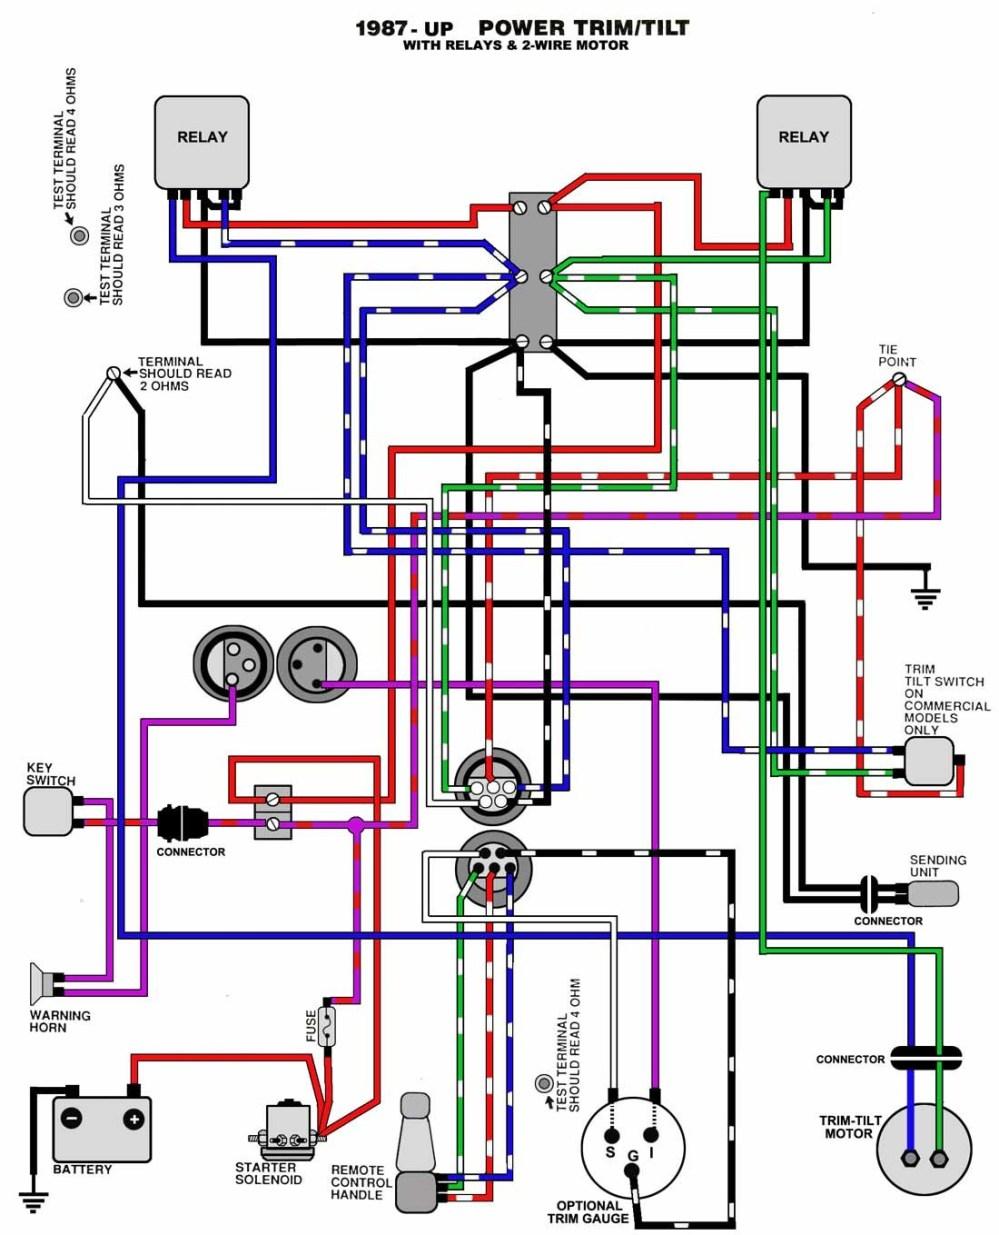 medium resolution of suzuki 140 wiring diagram wiring library rh 90 codingcommunity de suzuki outboard ignition wiring diagram suzuki